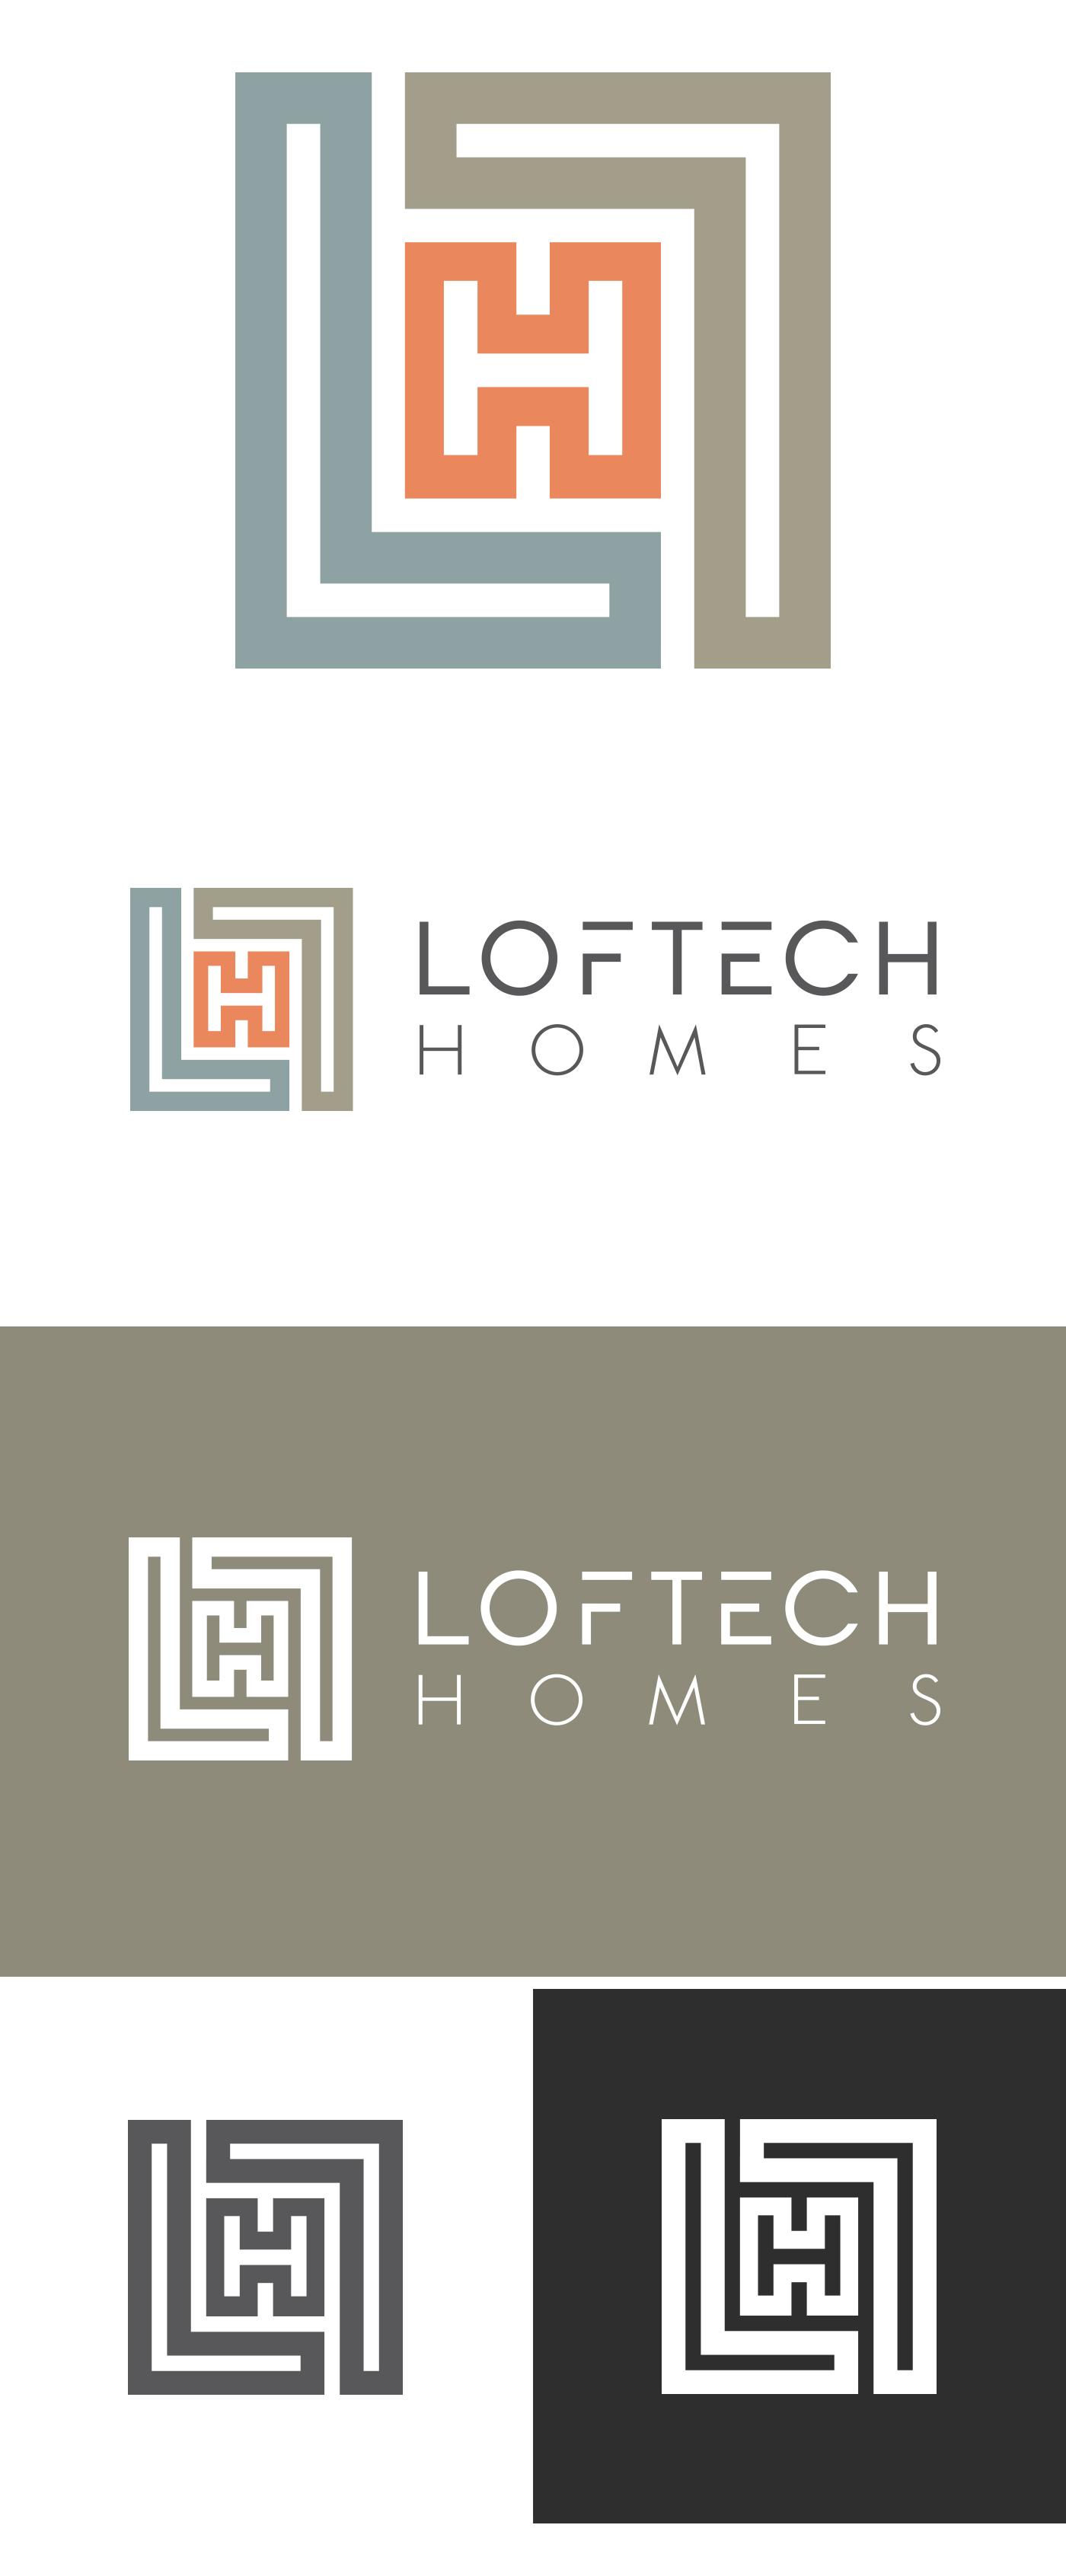 Loftech_Identity-1.jpg